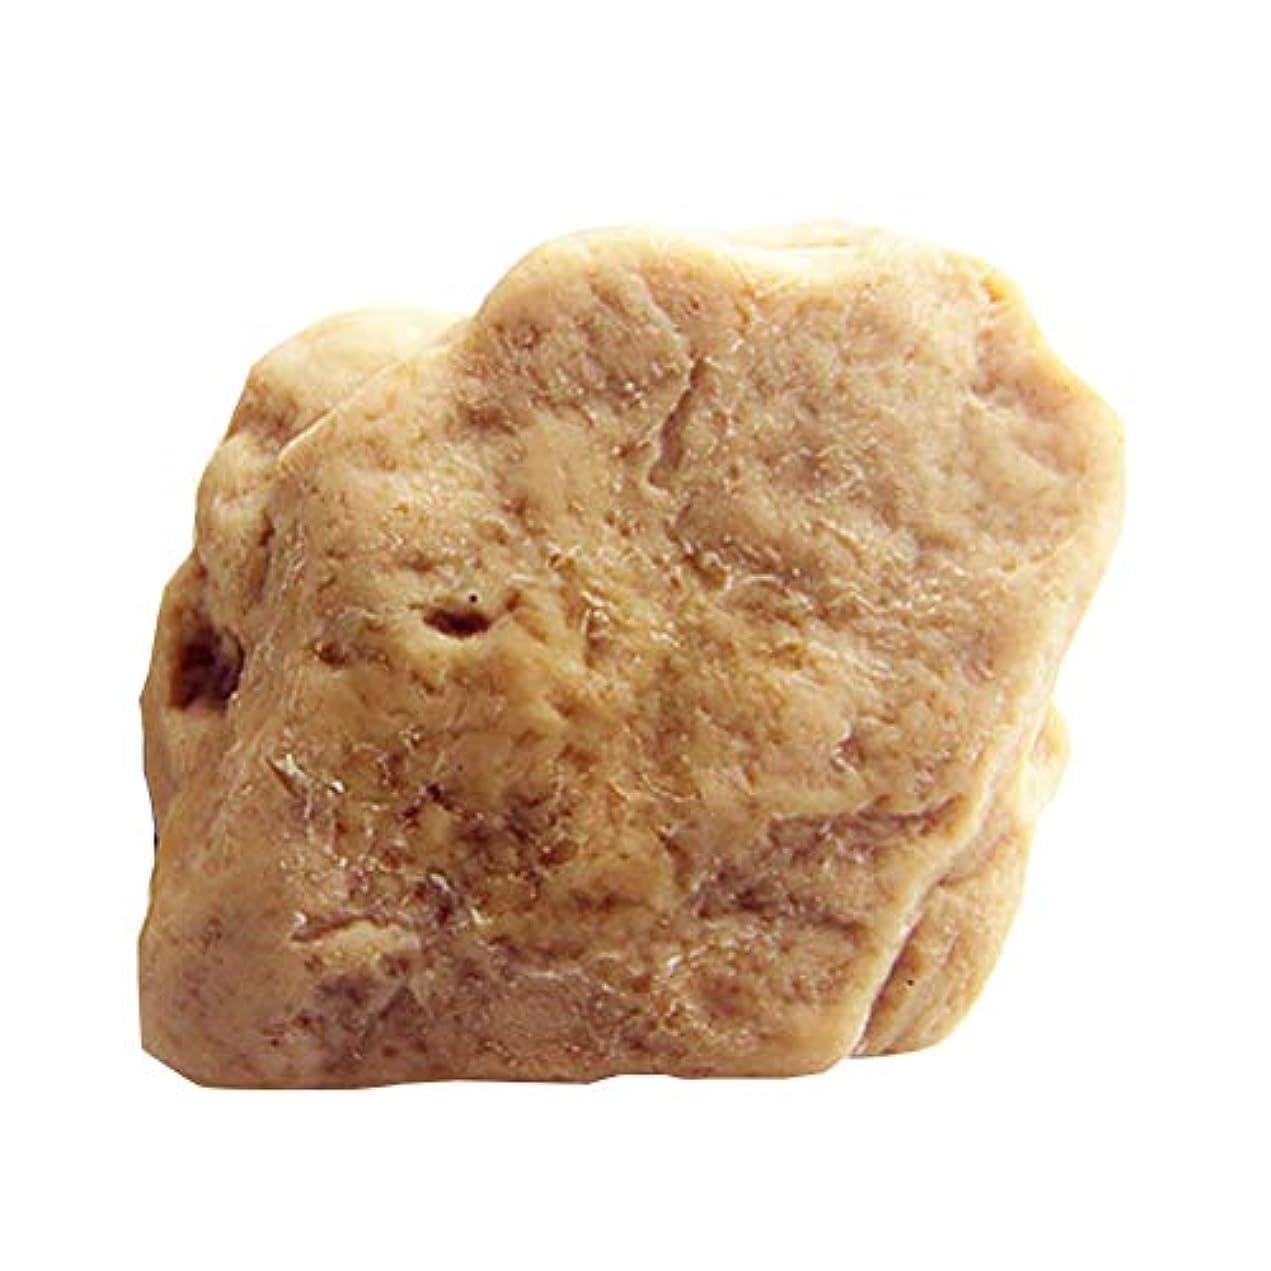 伝統的充電センサーCreacom オリーブオイル 石鹸 肌に優しい無添加 毛穴 対策 洗顔石鹸 保湿 固形 毛穴 黒ずみ 肌荒れ くすみ ニキビ 美白 美肌 角質除去 肌荒れ 乾燥肌 オイル肌 混合肌 対策 全身可能